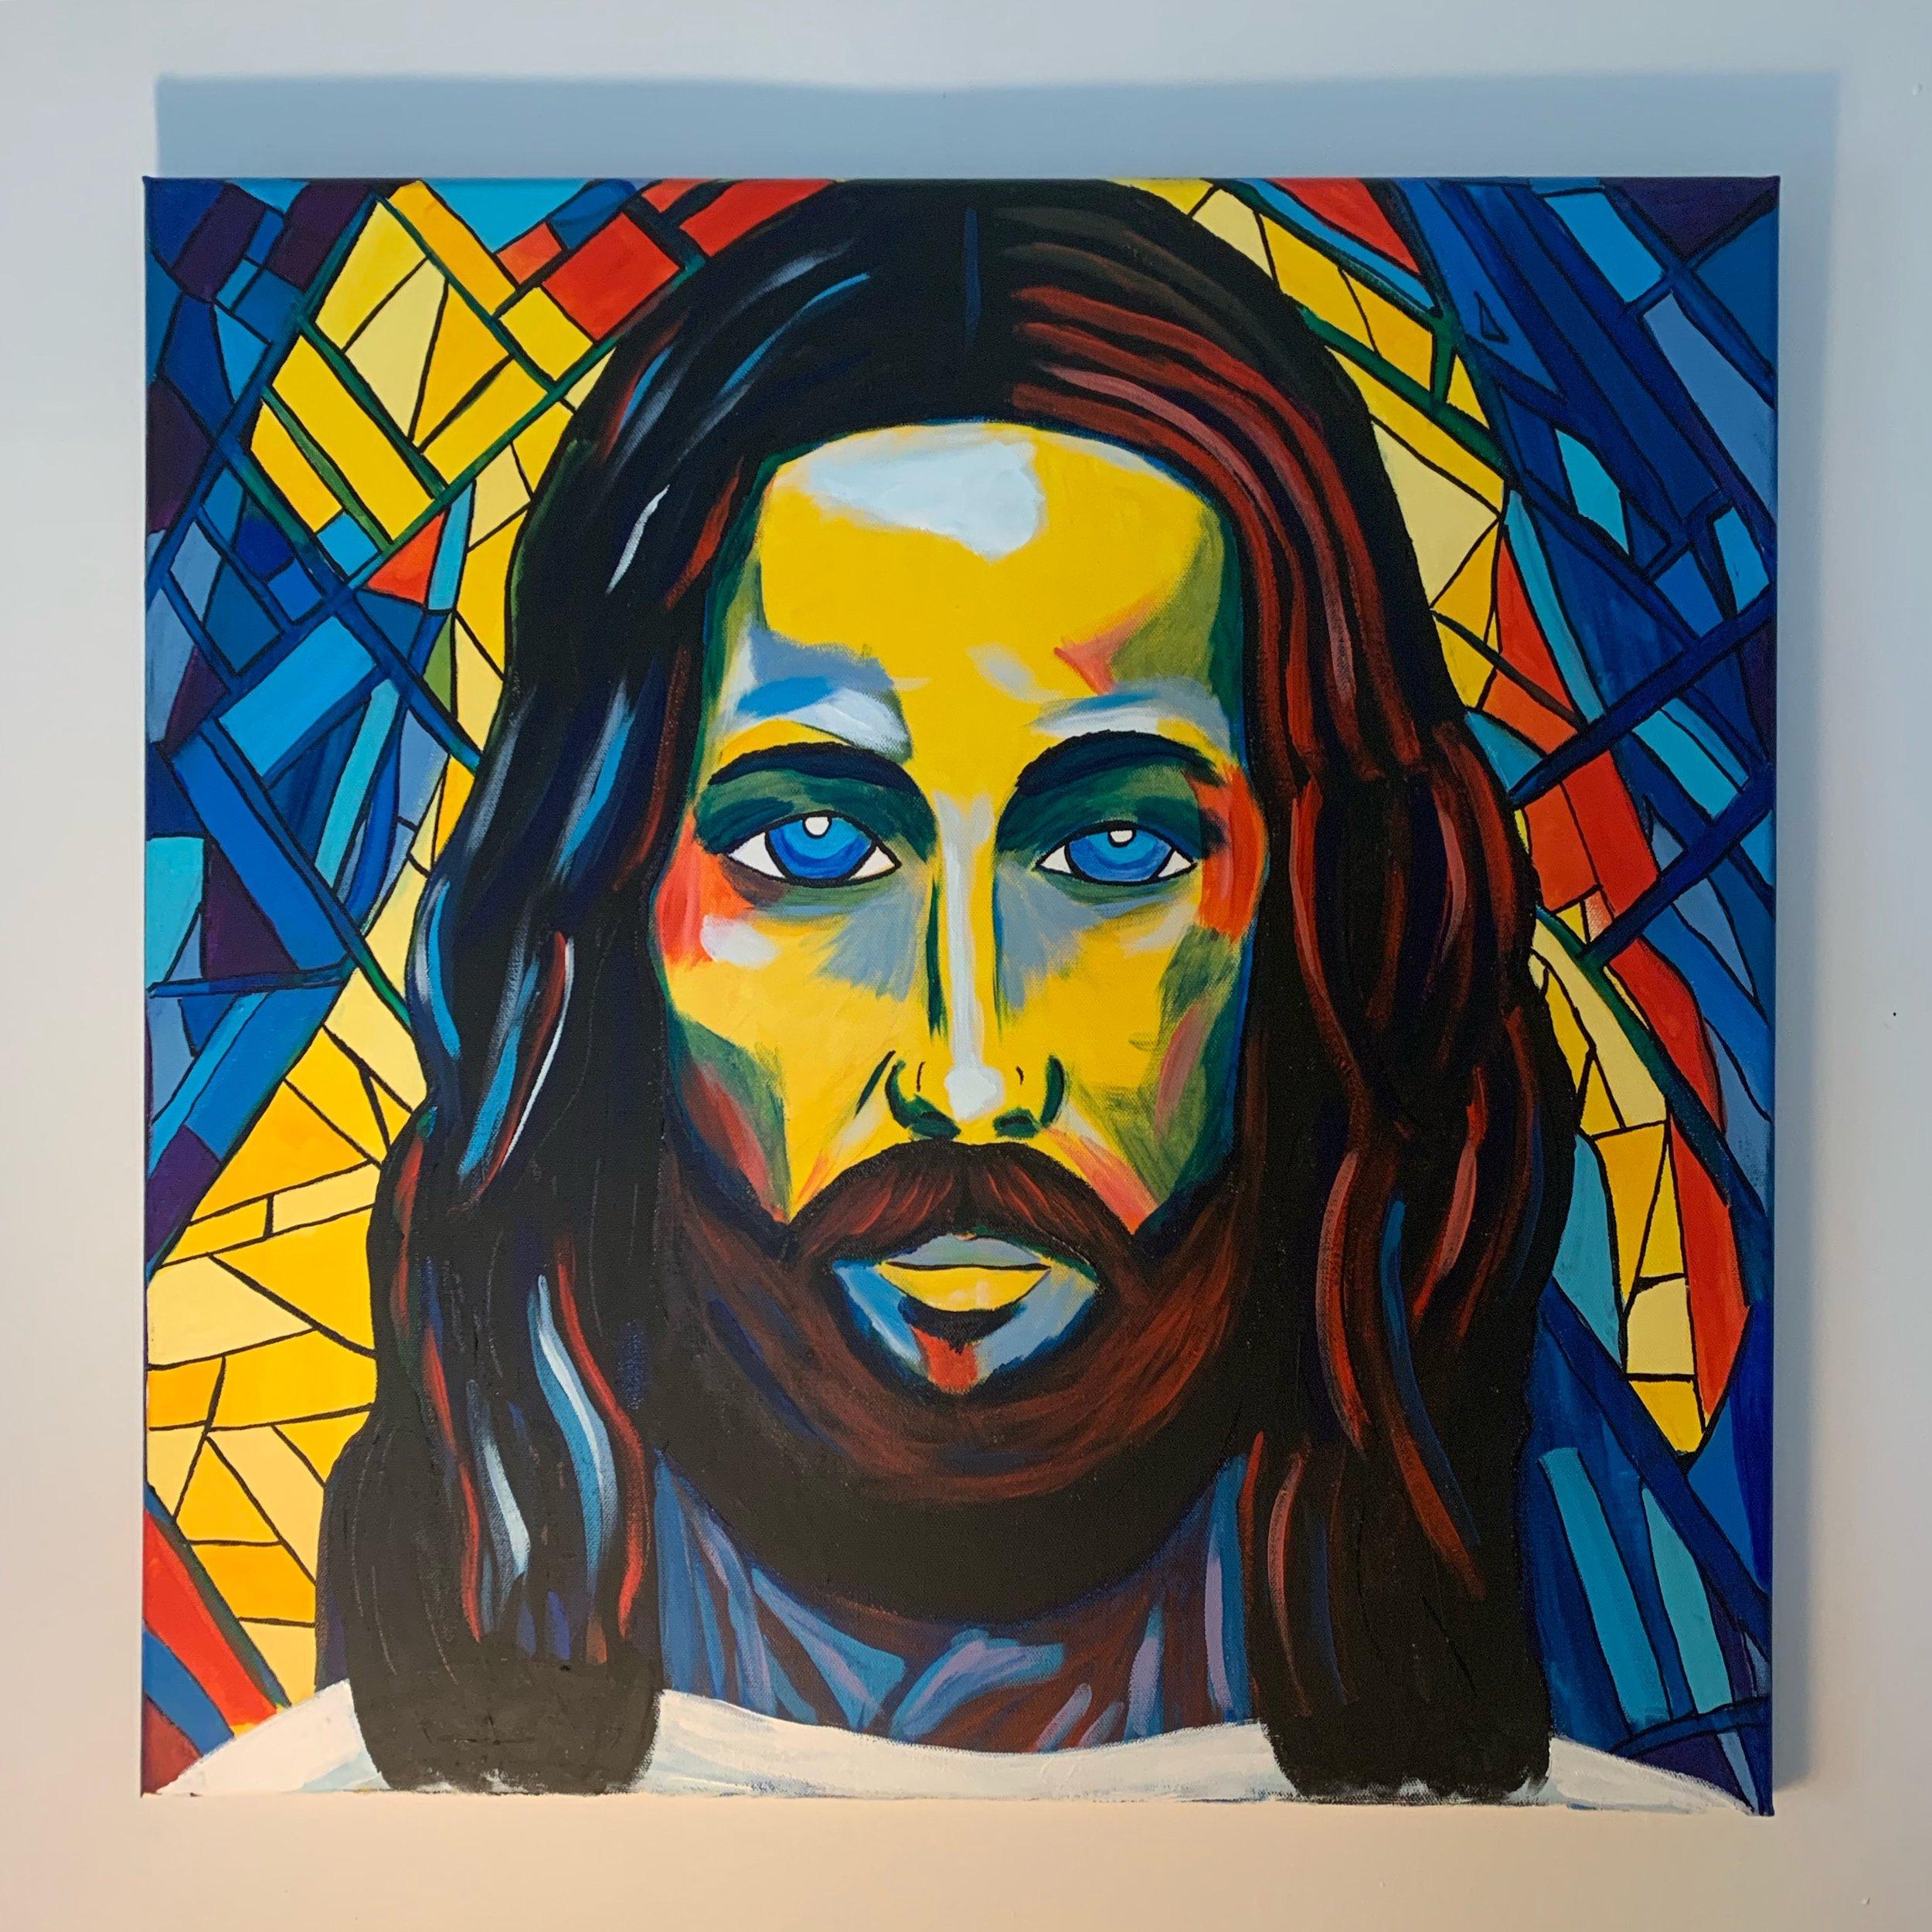 Jesus - King of Kings